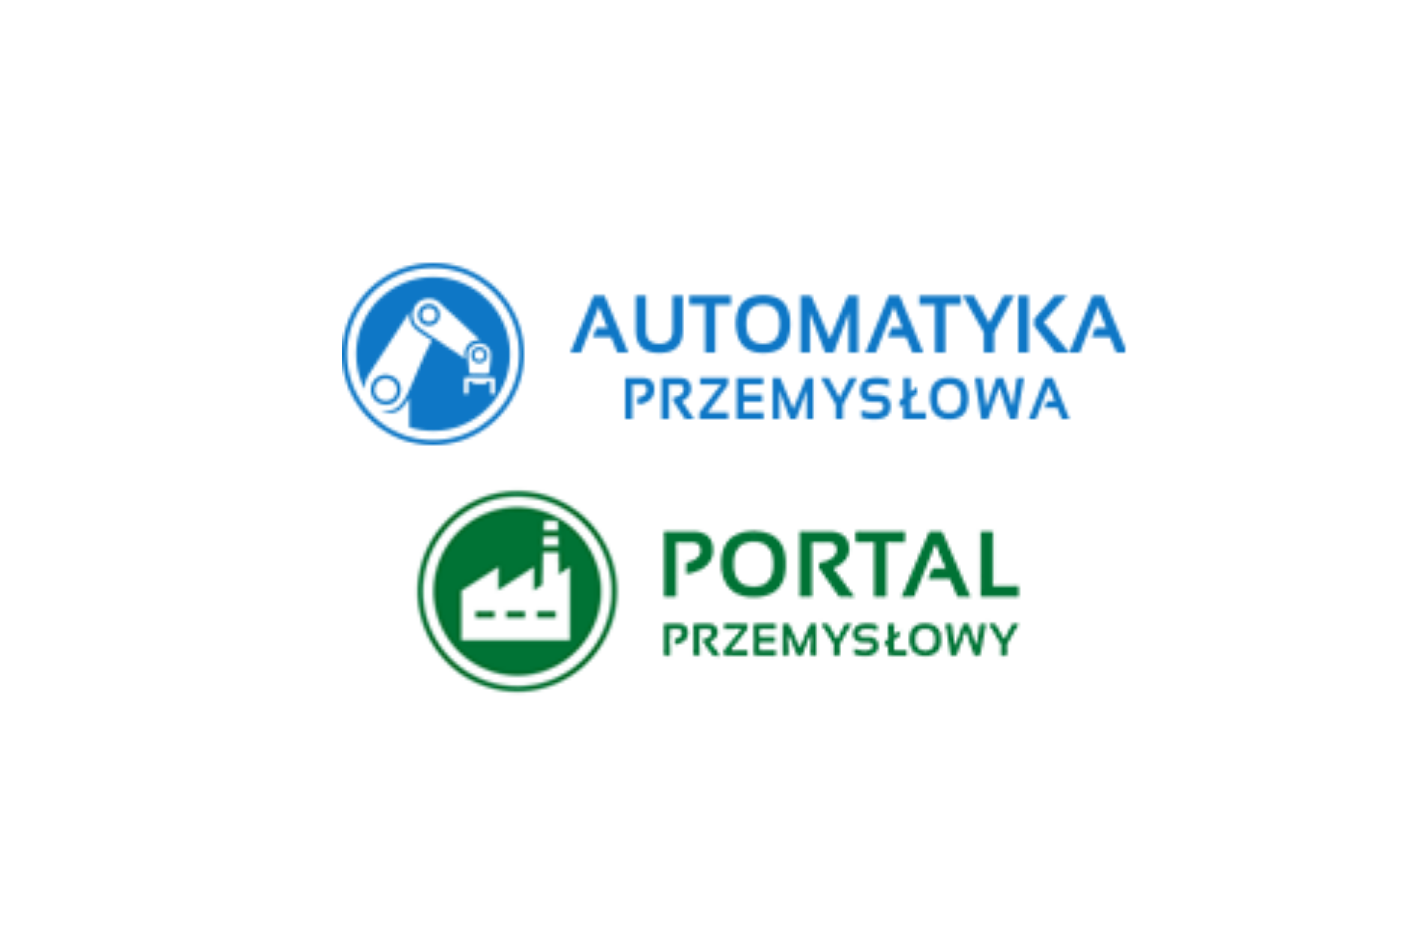 """<a href=""""https://automatykaprzemyslowa.pl/"""" target=""""_blank"""">www.automatykaprzemyslowa.pl</a> <a href=""""https://portalprzemyslowy.pl/"""" target=""""_blank"""">www.portalprzemyslowy.pl</a>"""